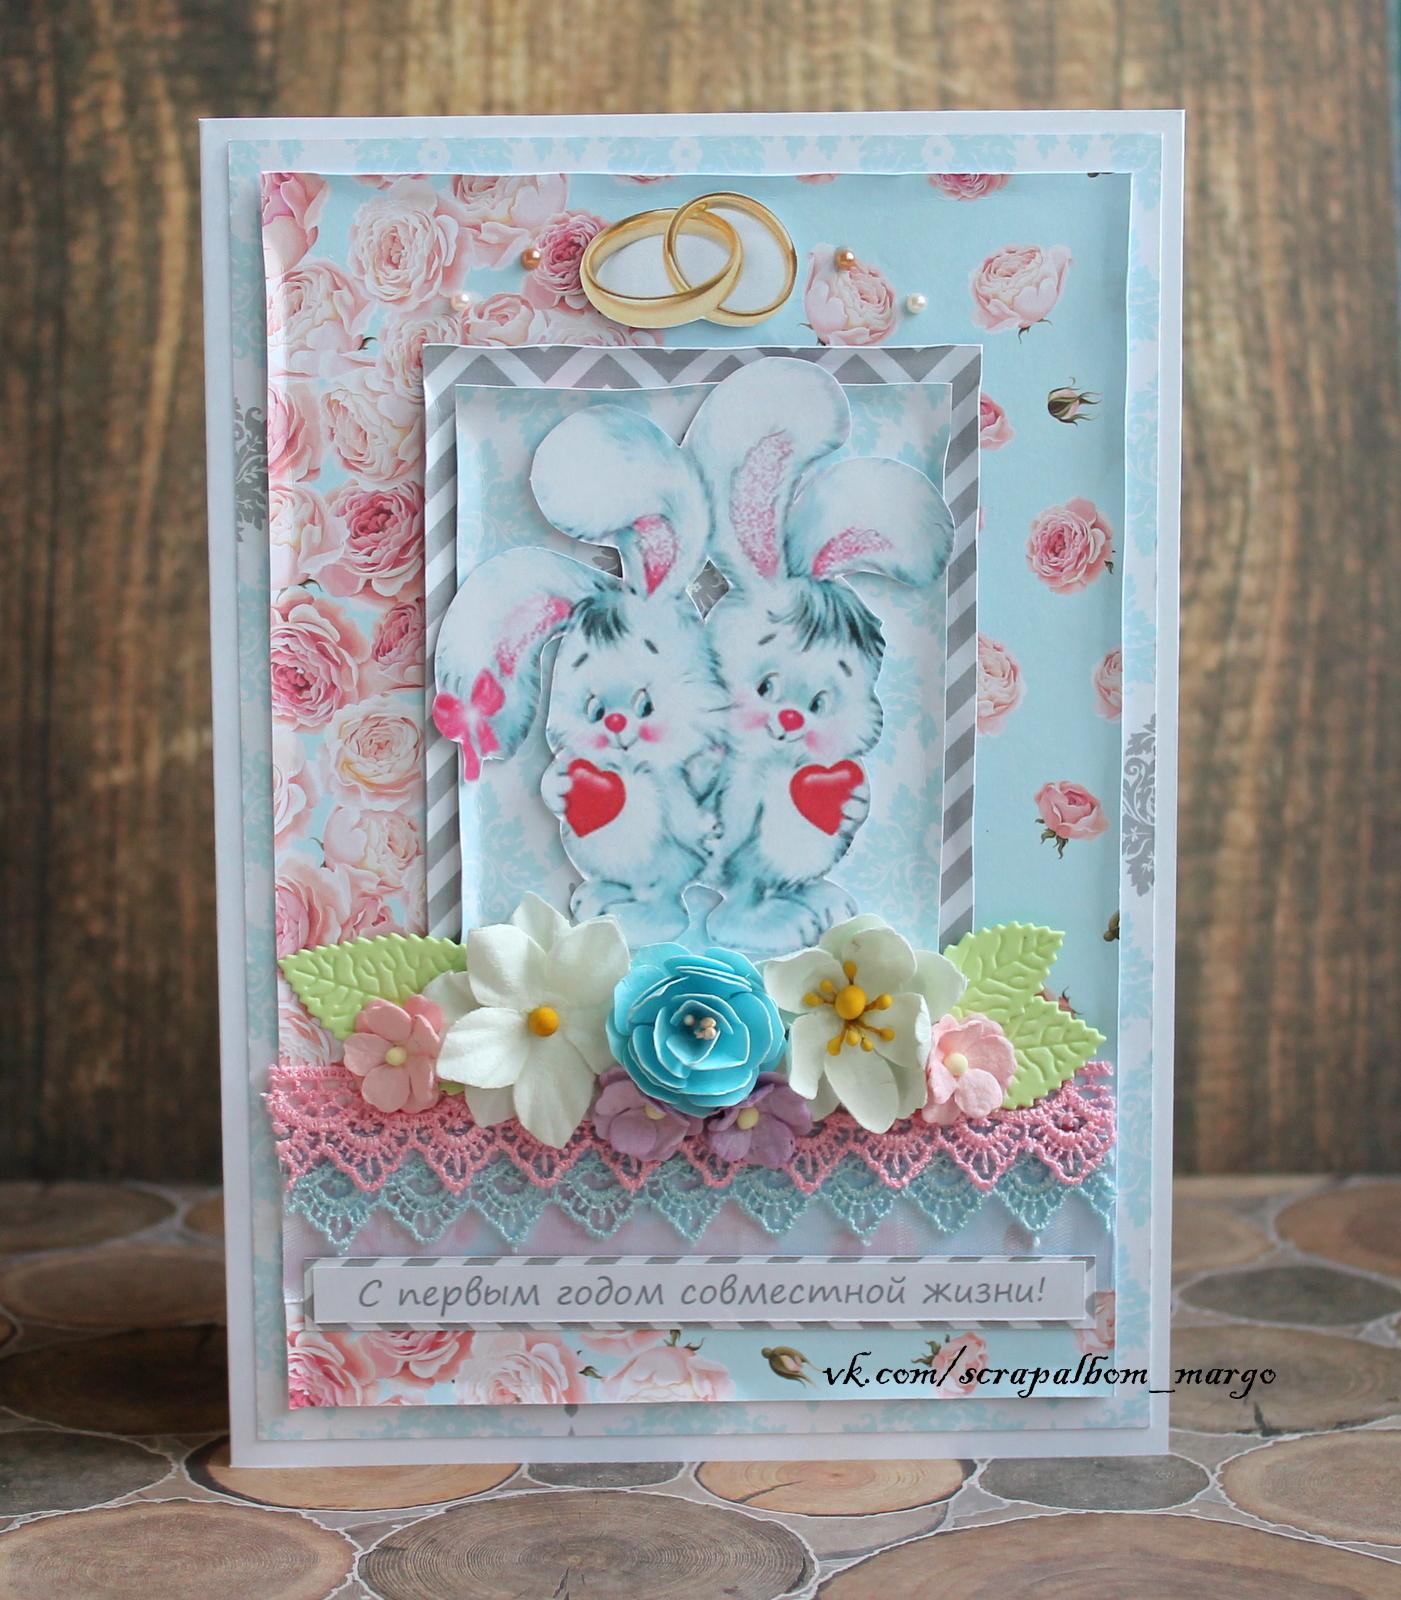 Как сделать открытка на годовщину свадьбы родителям